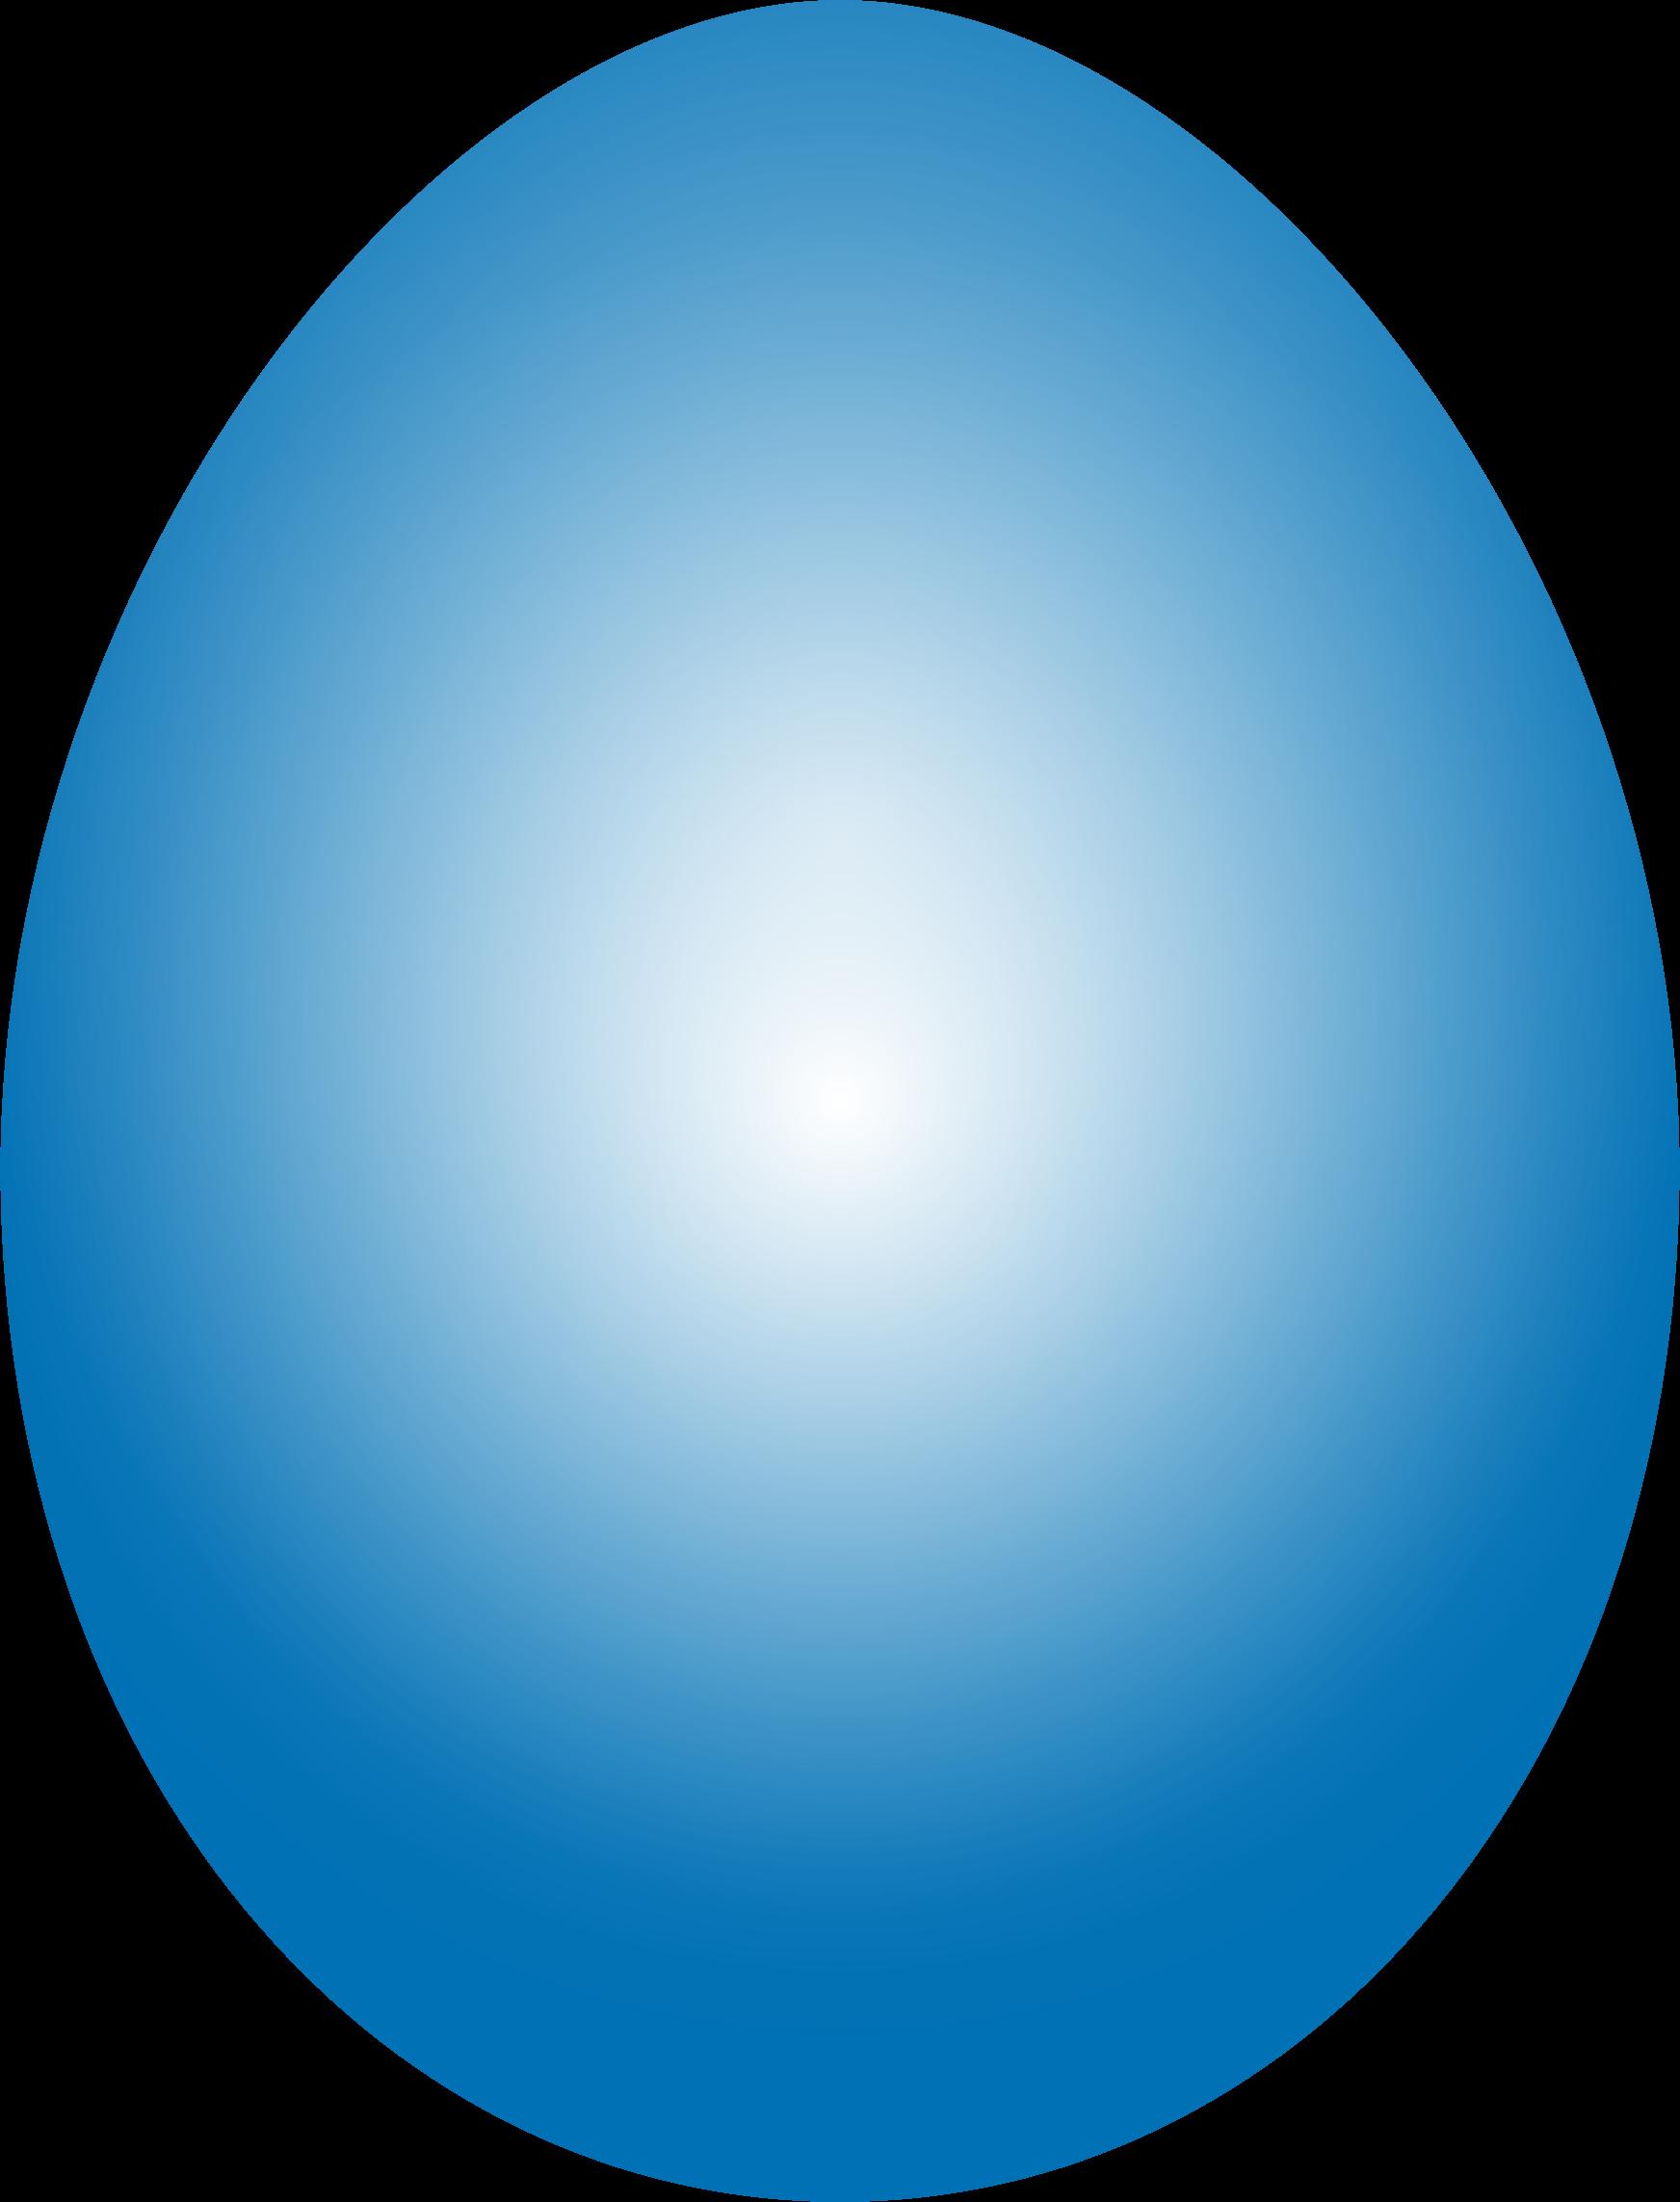 Big image png. Blue clipart easter egg